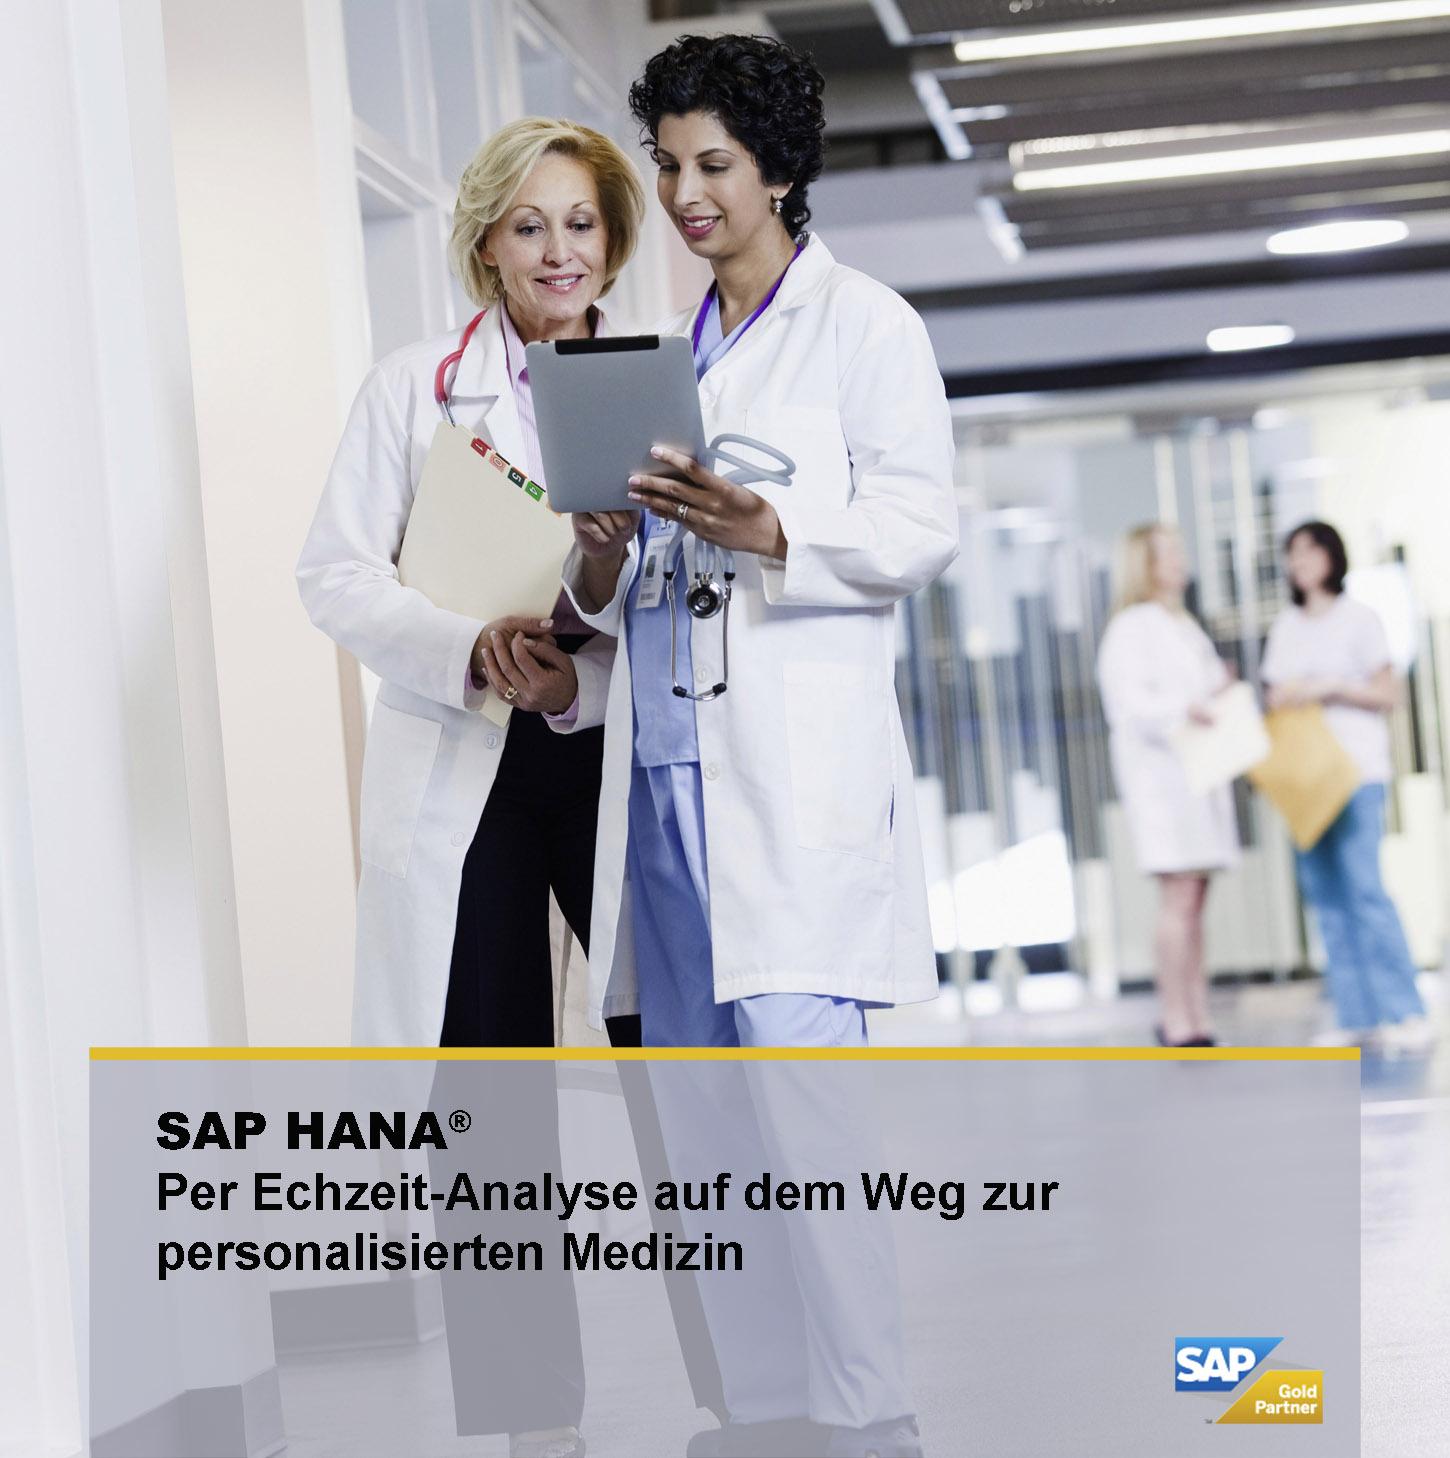 SAP HANA bietet durch Echzeit-Analyse den Weg zur personalisierten Medizin